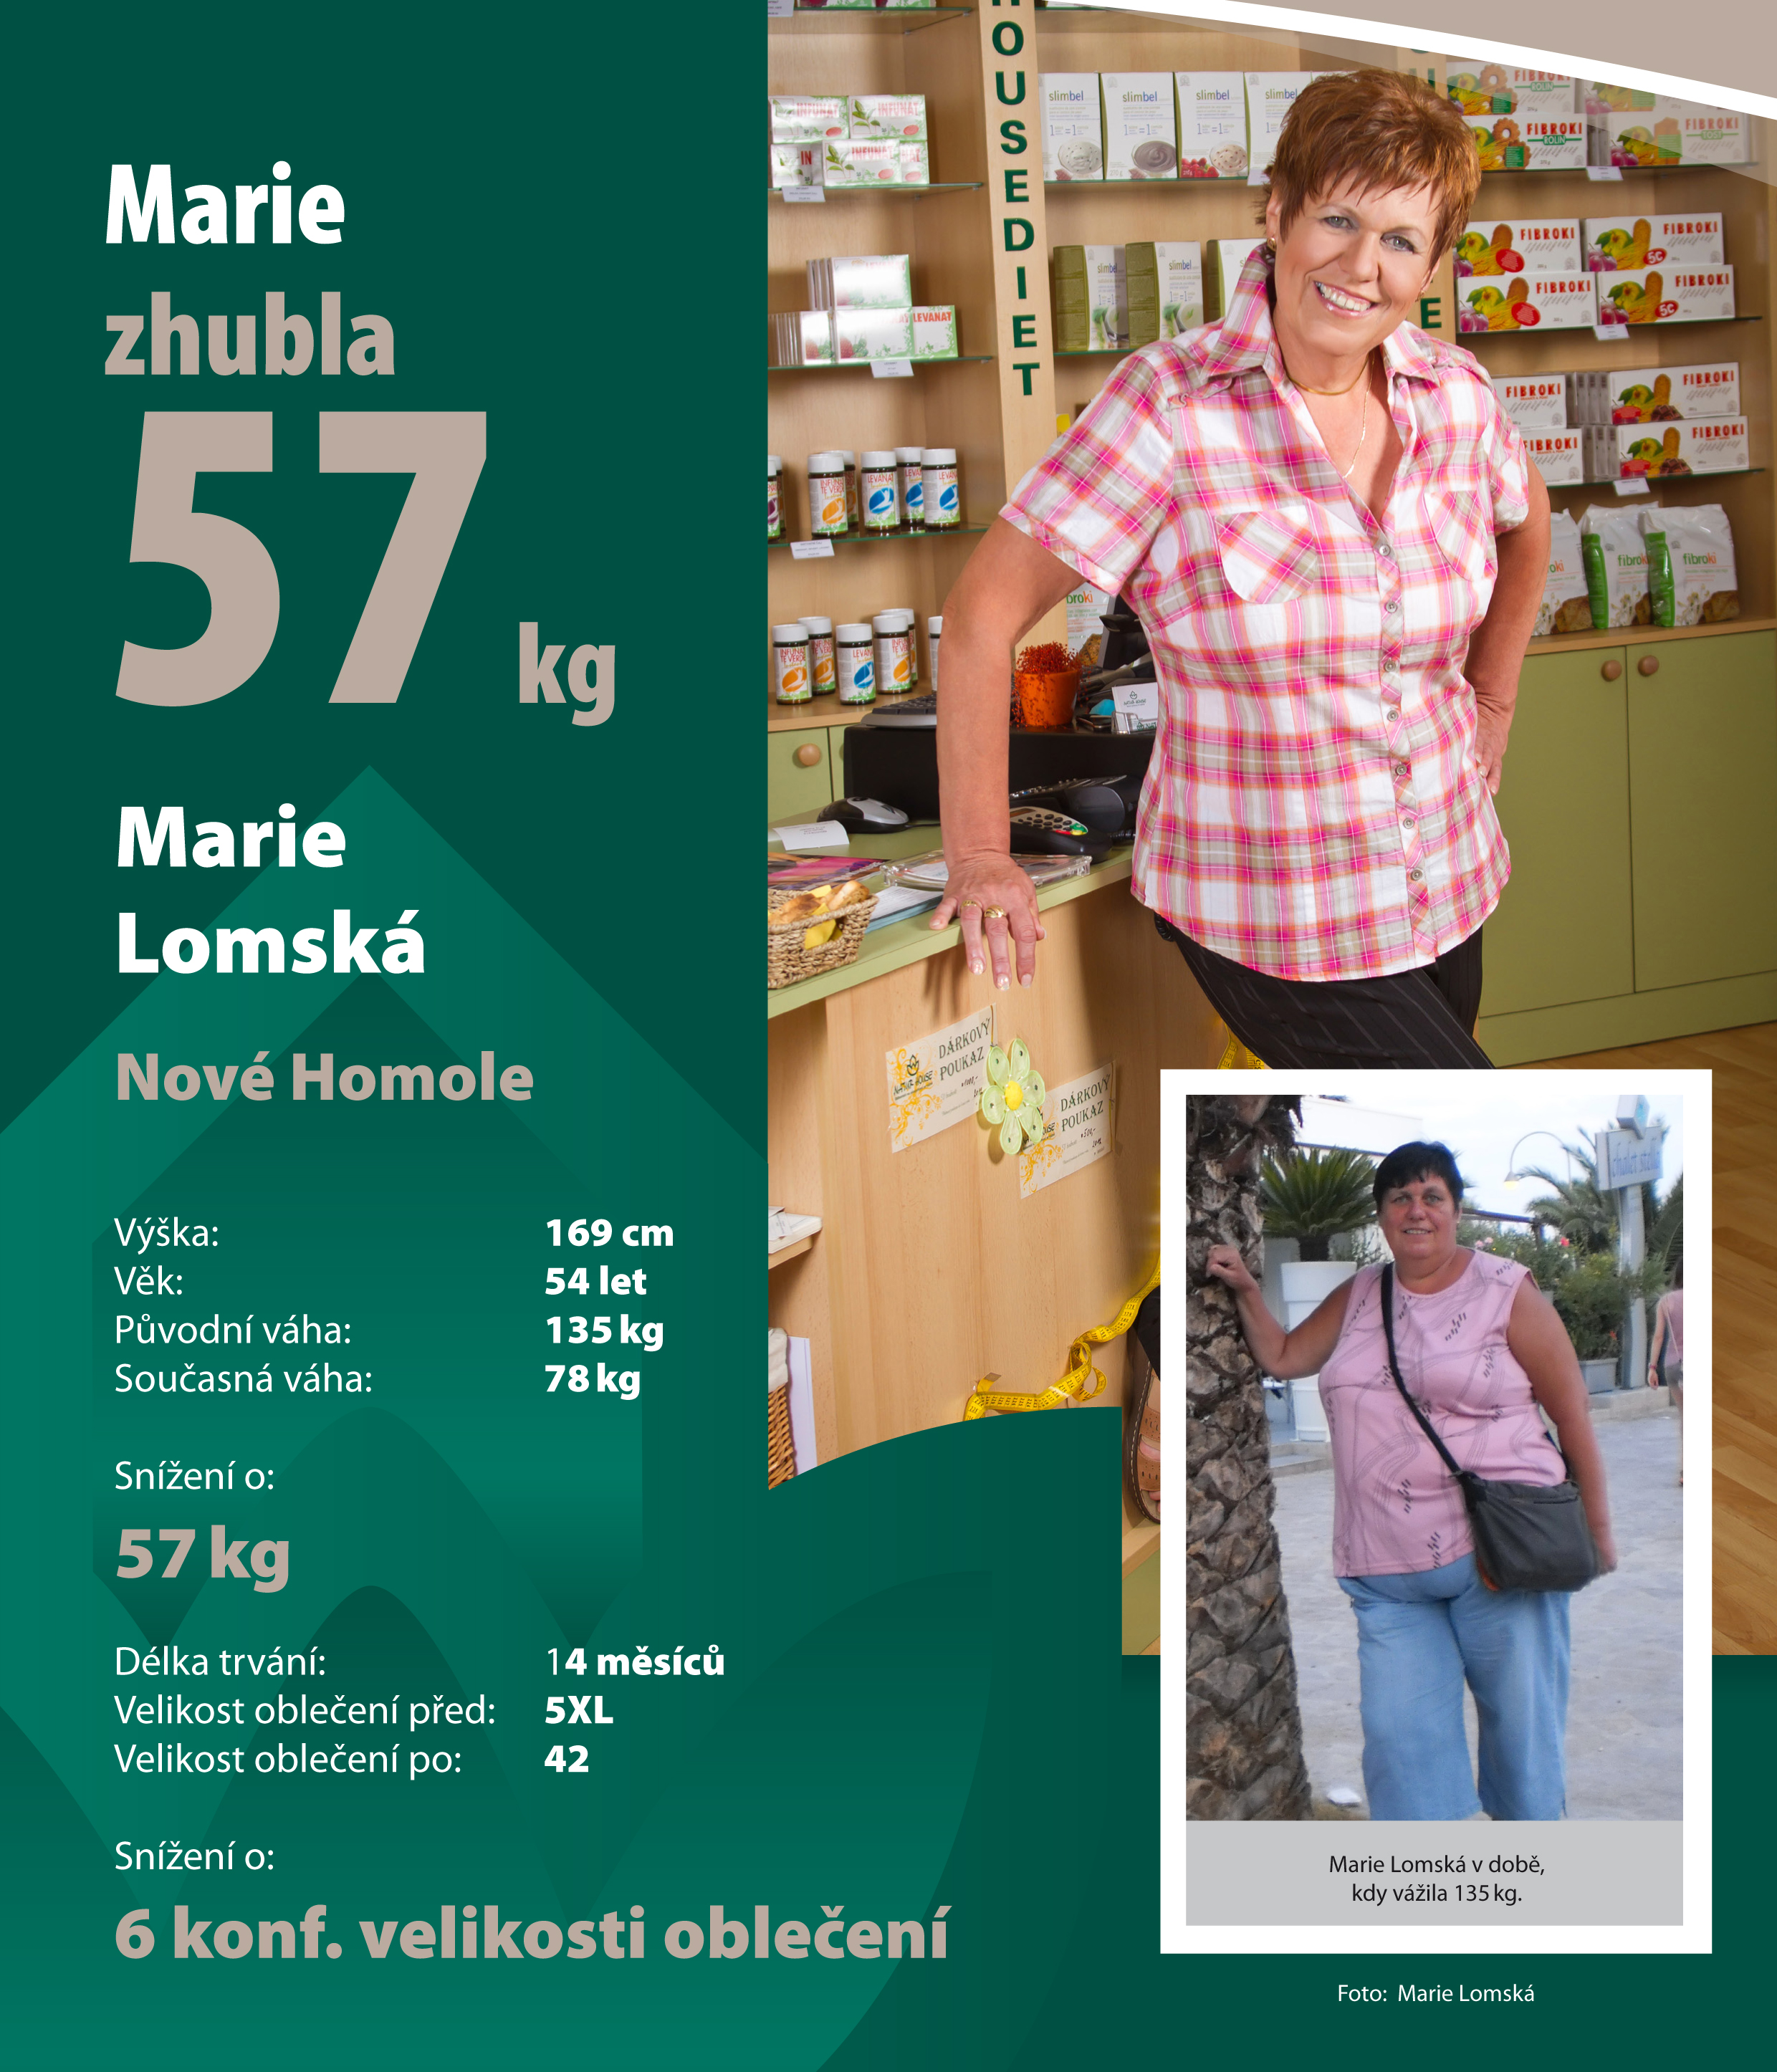 Online dieta - nutriční typologie a dieta na bázi bylin